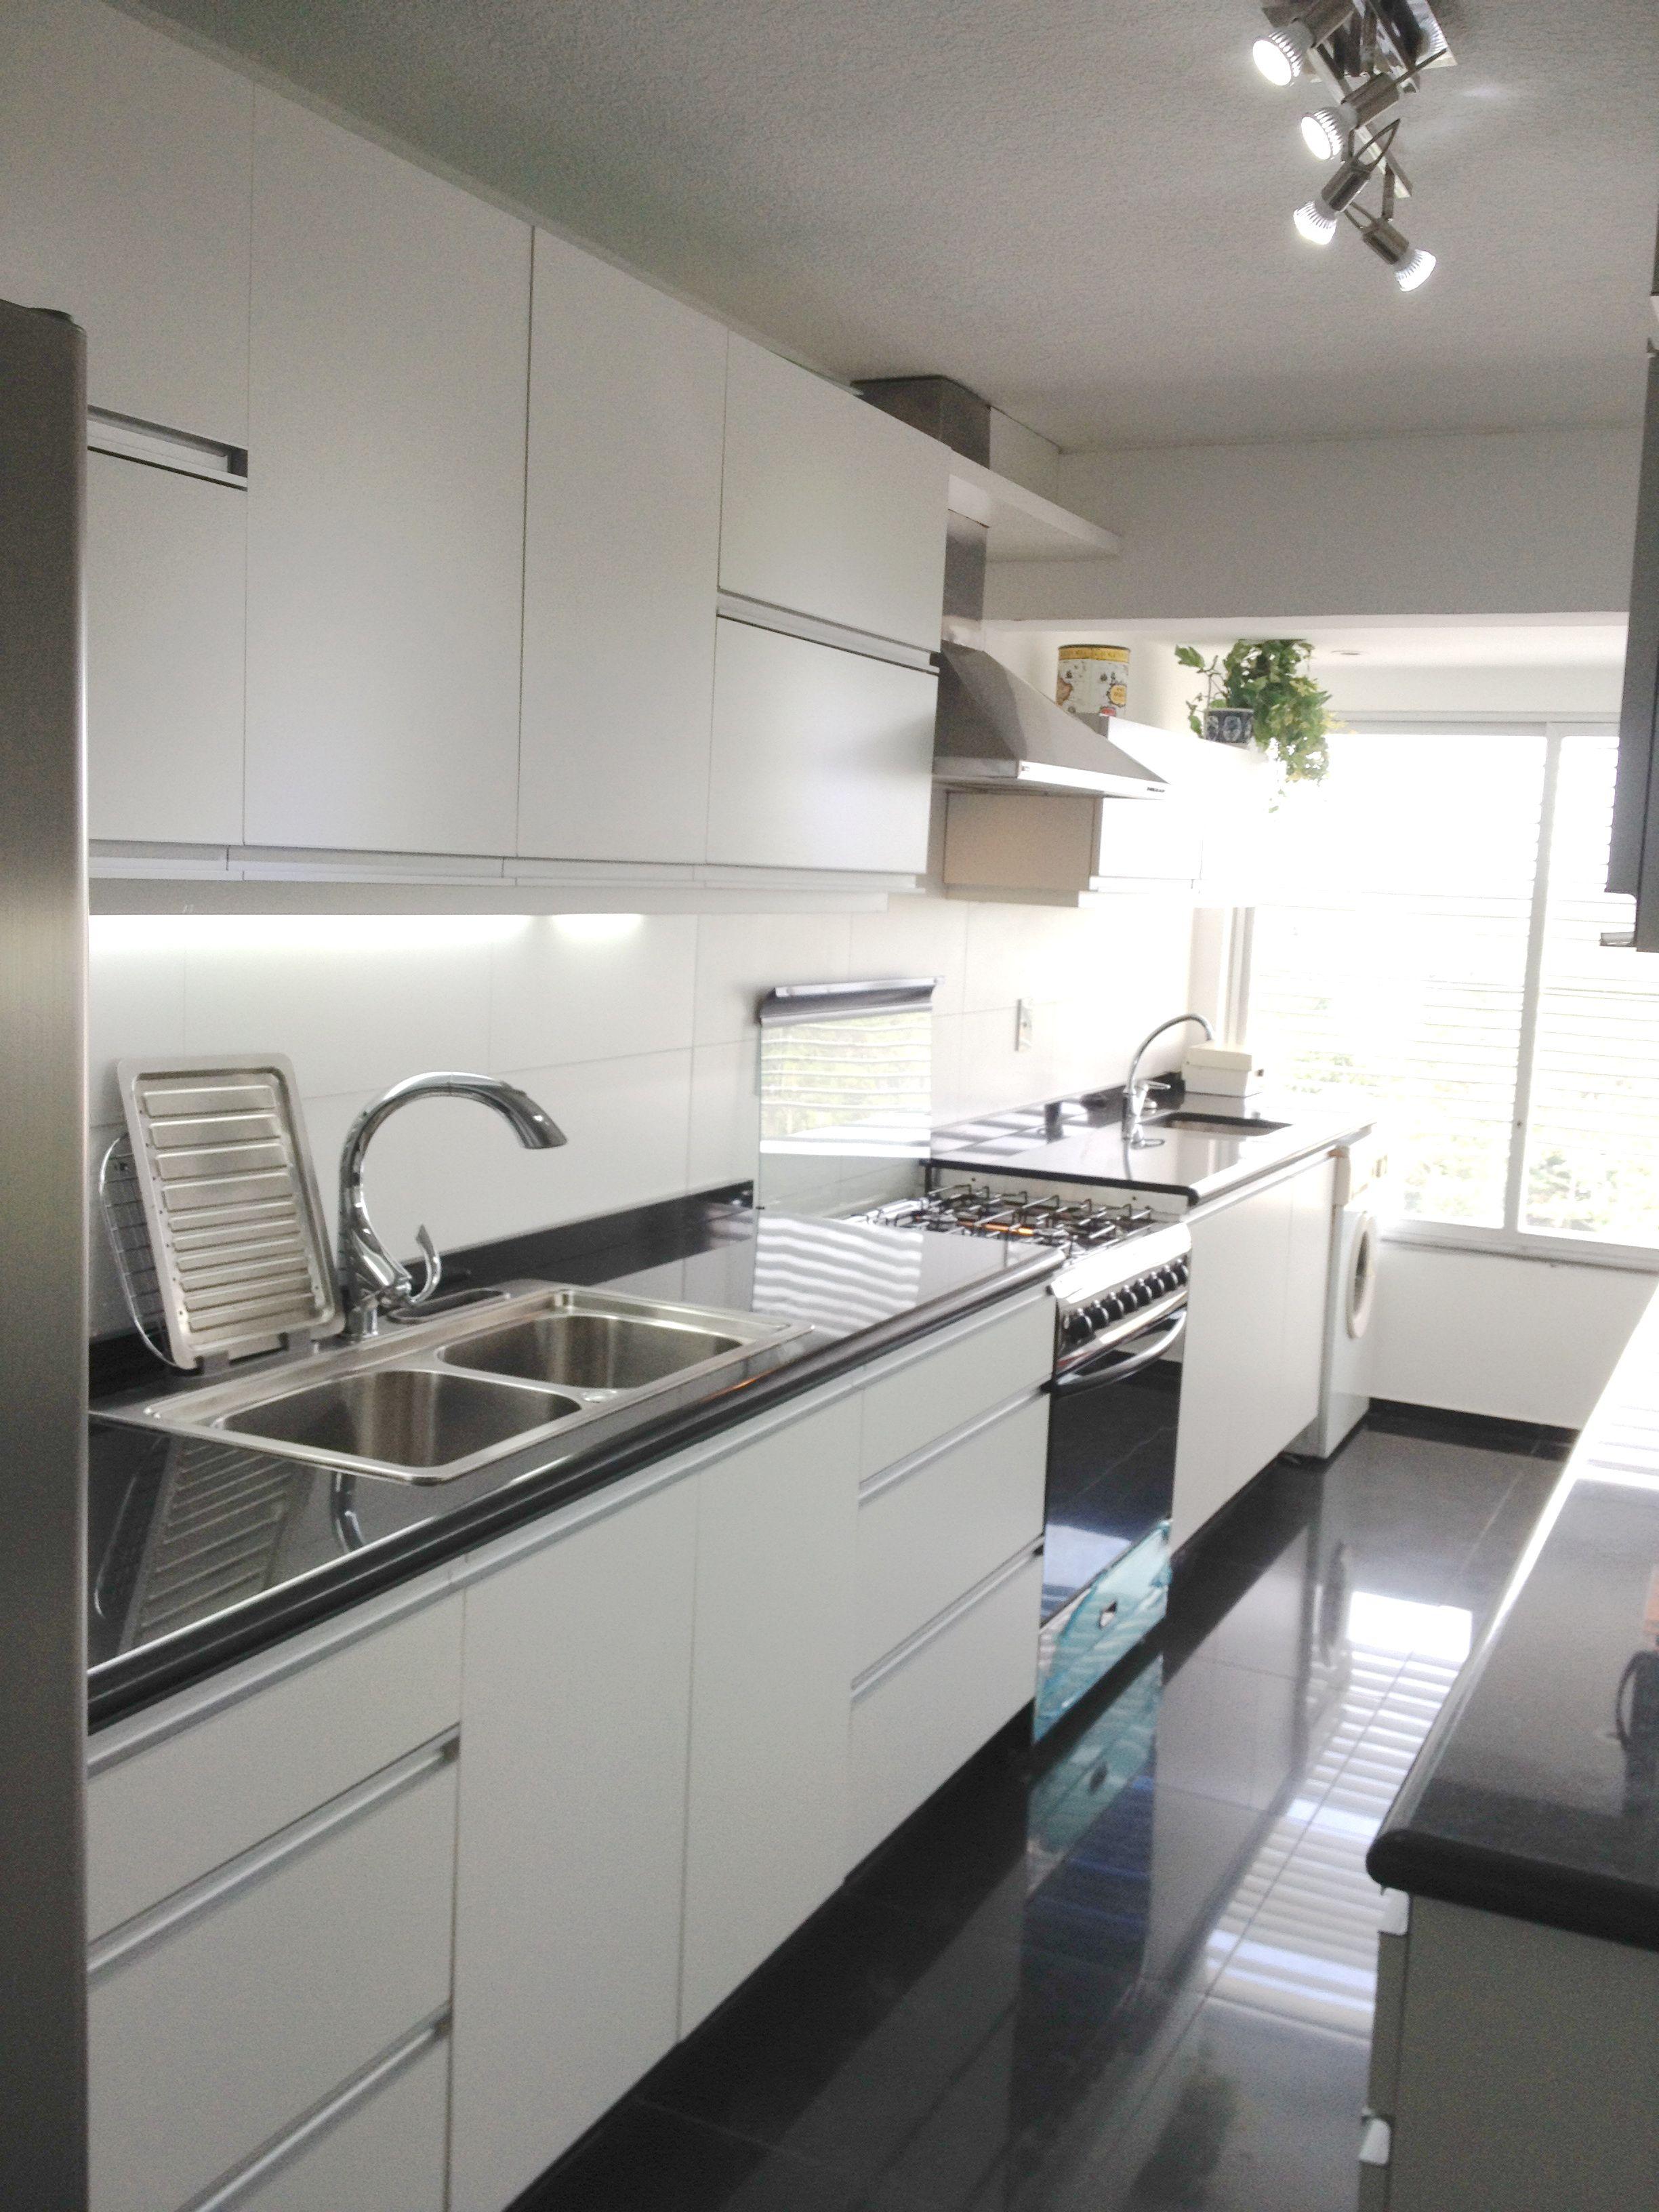 Renovada en blanco y negro muebles for Encimera de cocina lacada en blanco negro